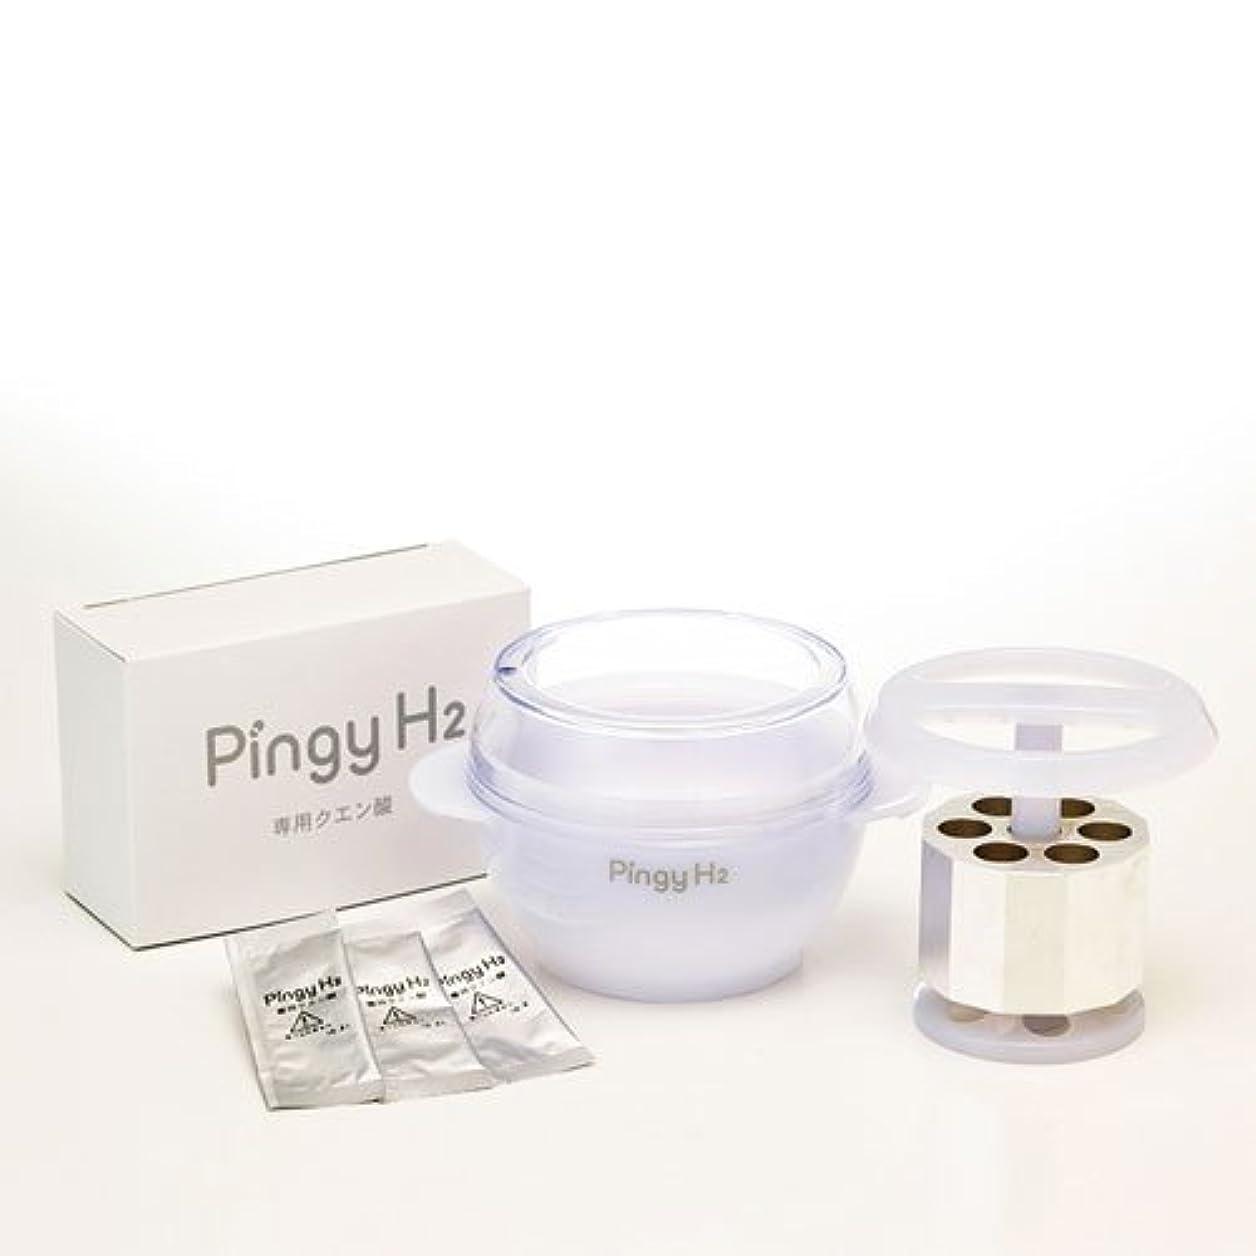 ストリーム増強する素晴らしいですPingy H2 ピンギー エイチツー